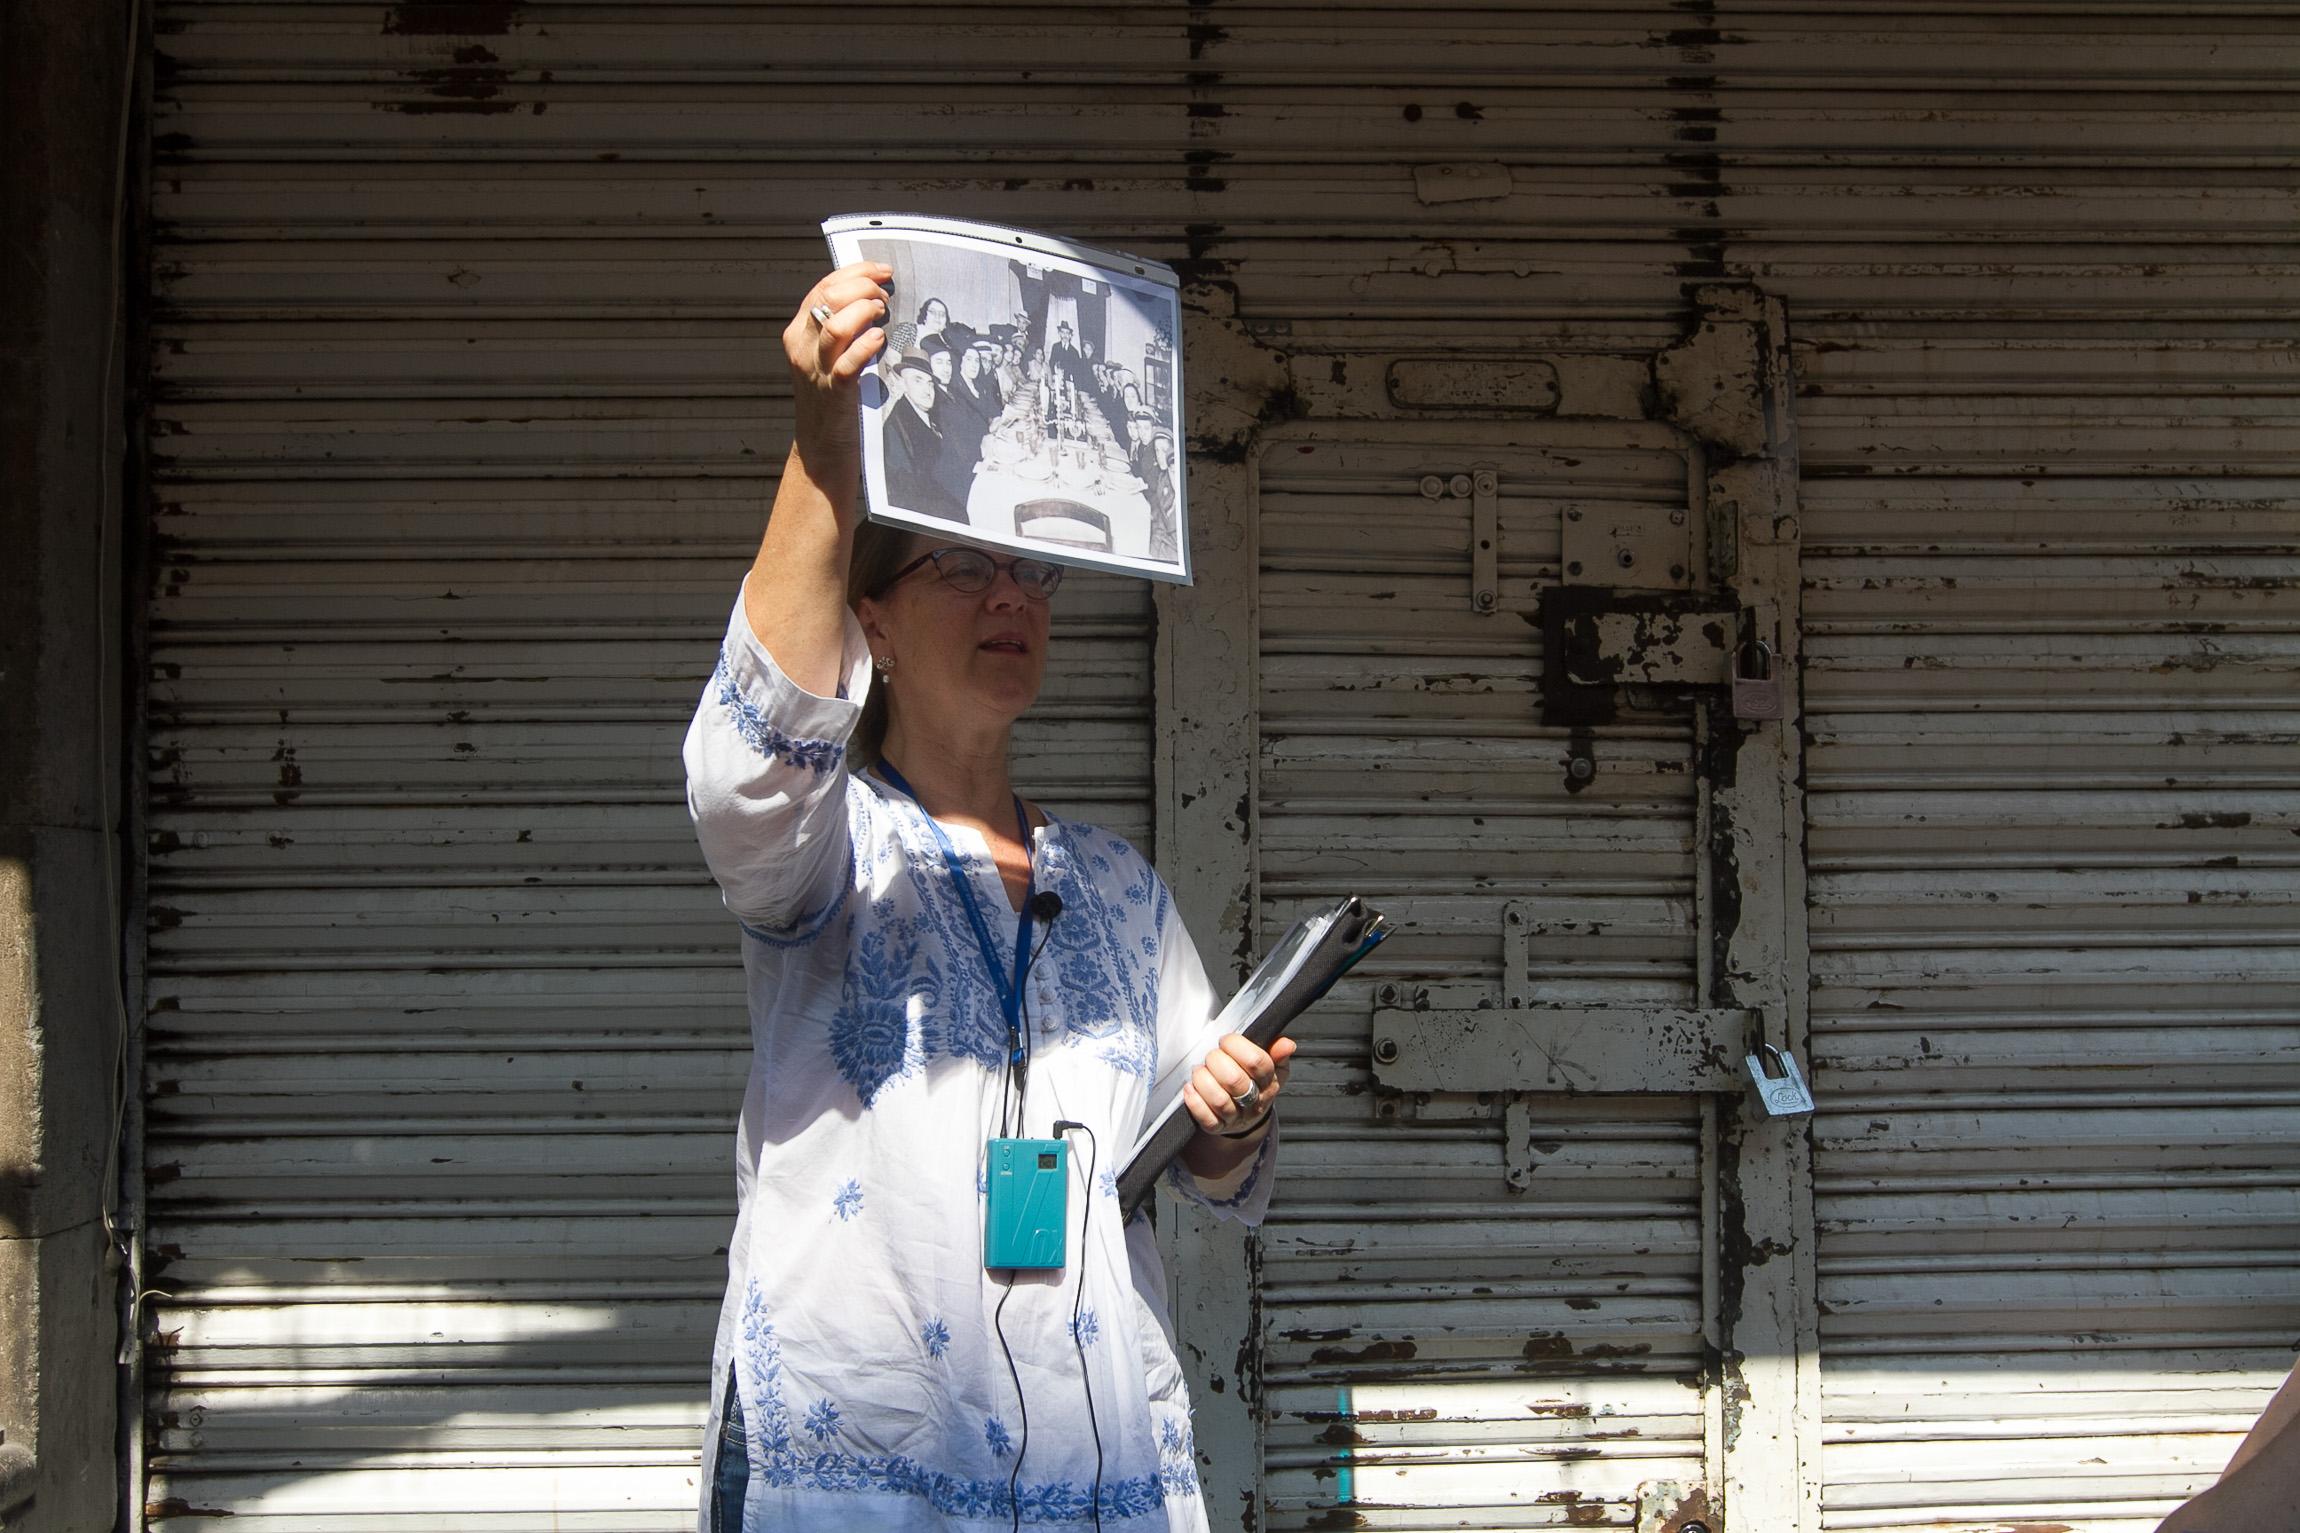 Fin de semana muy caluroso y bochornoso  en el estado de Veracruz